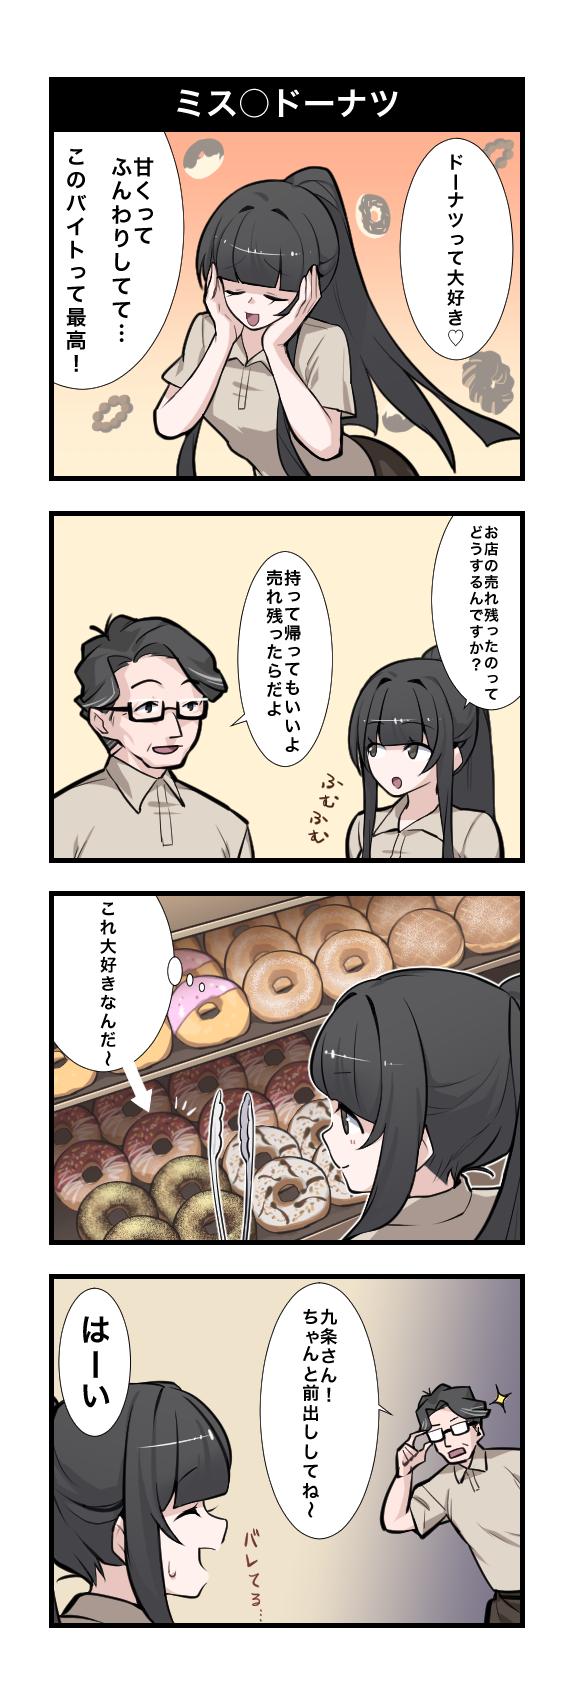 ミス○ドーナツ